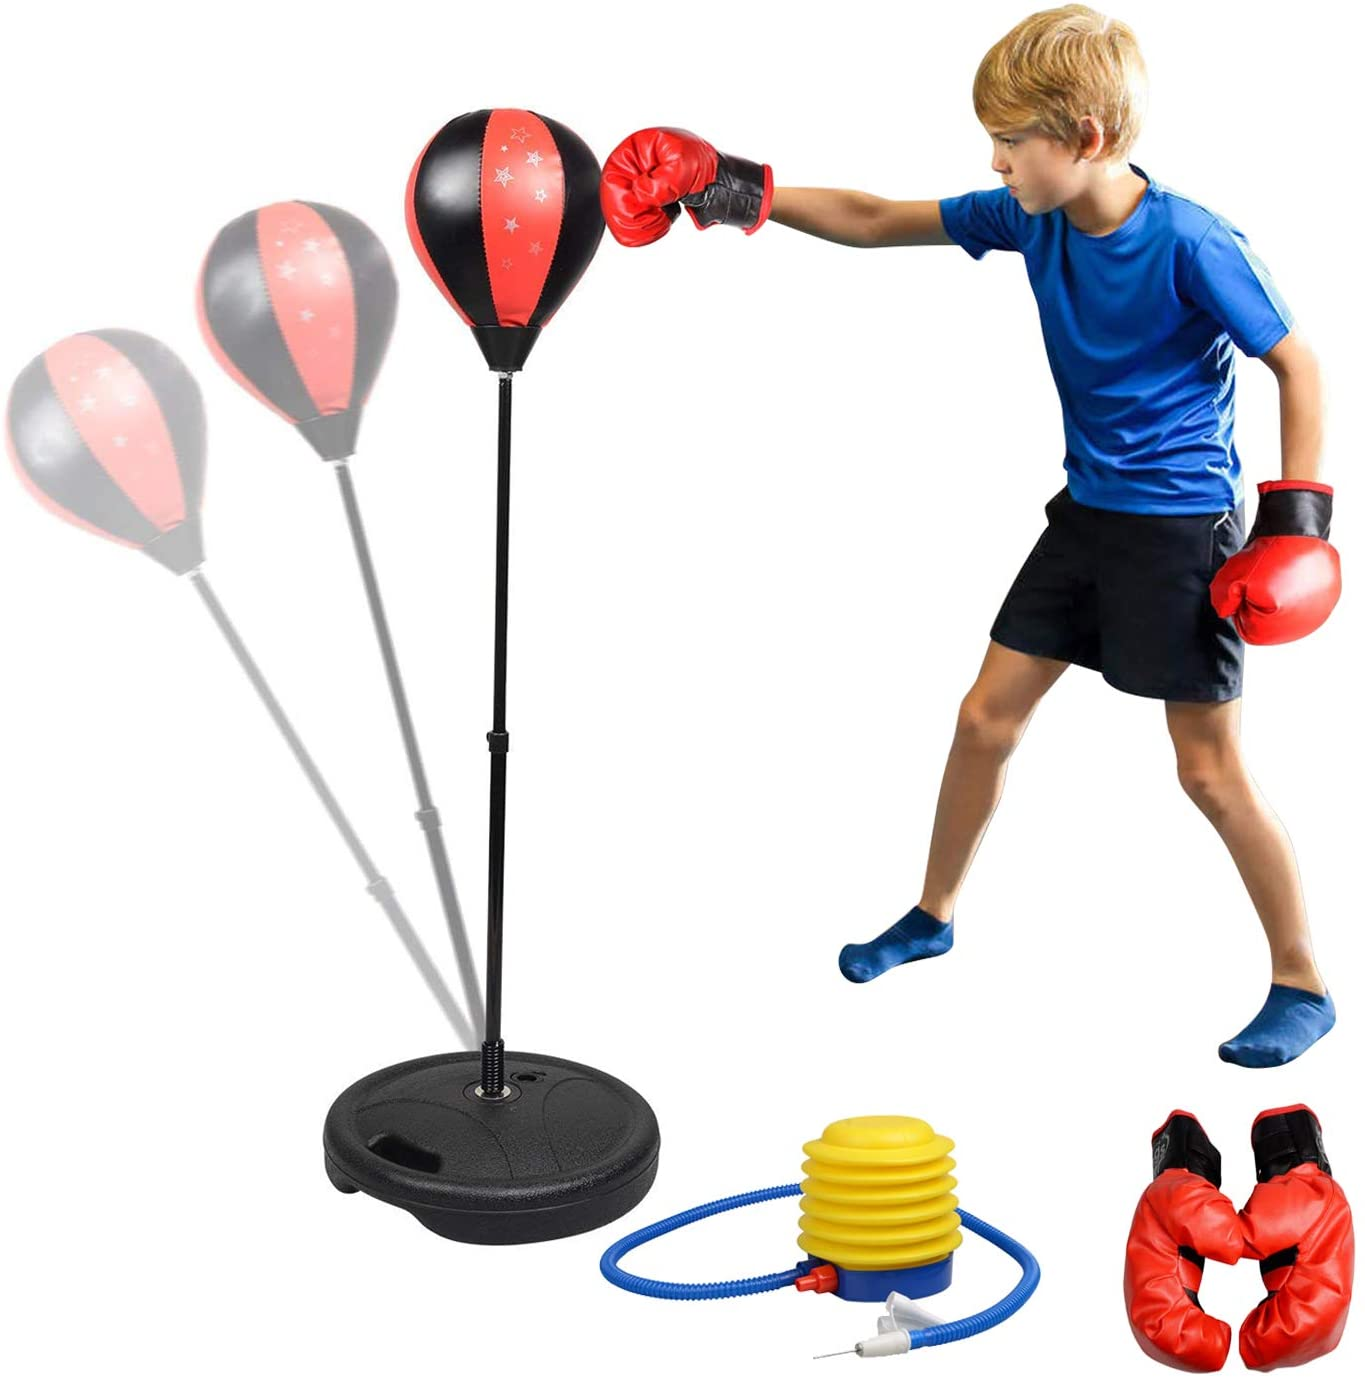 Set de Boxeo Infantil, Punching Ball, Práctica de Boxeo, Ajuste de Altura 70-105cm Bolsas de Boxeo para niños con Guantes, Color Rojo y Negro